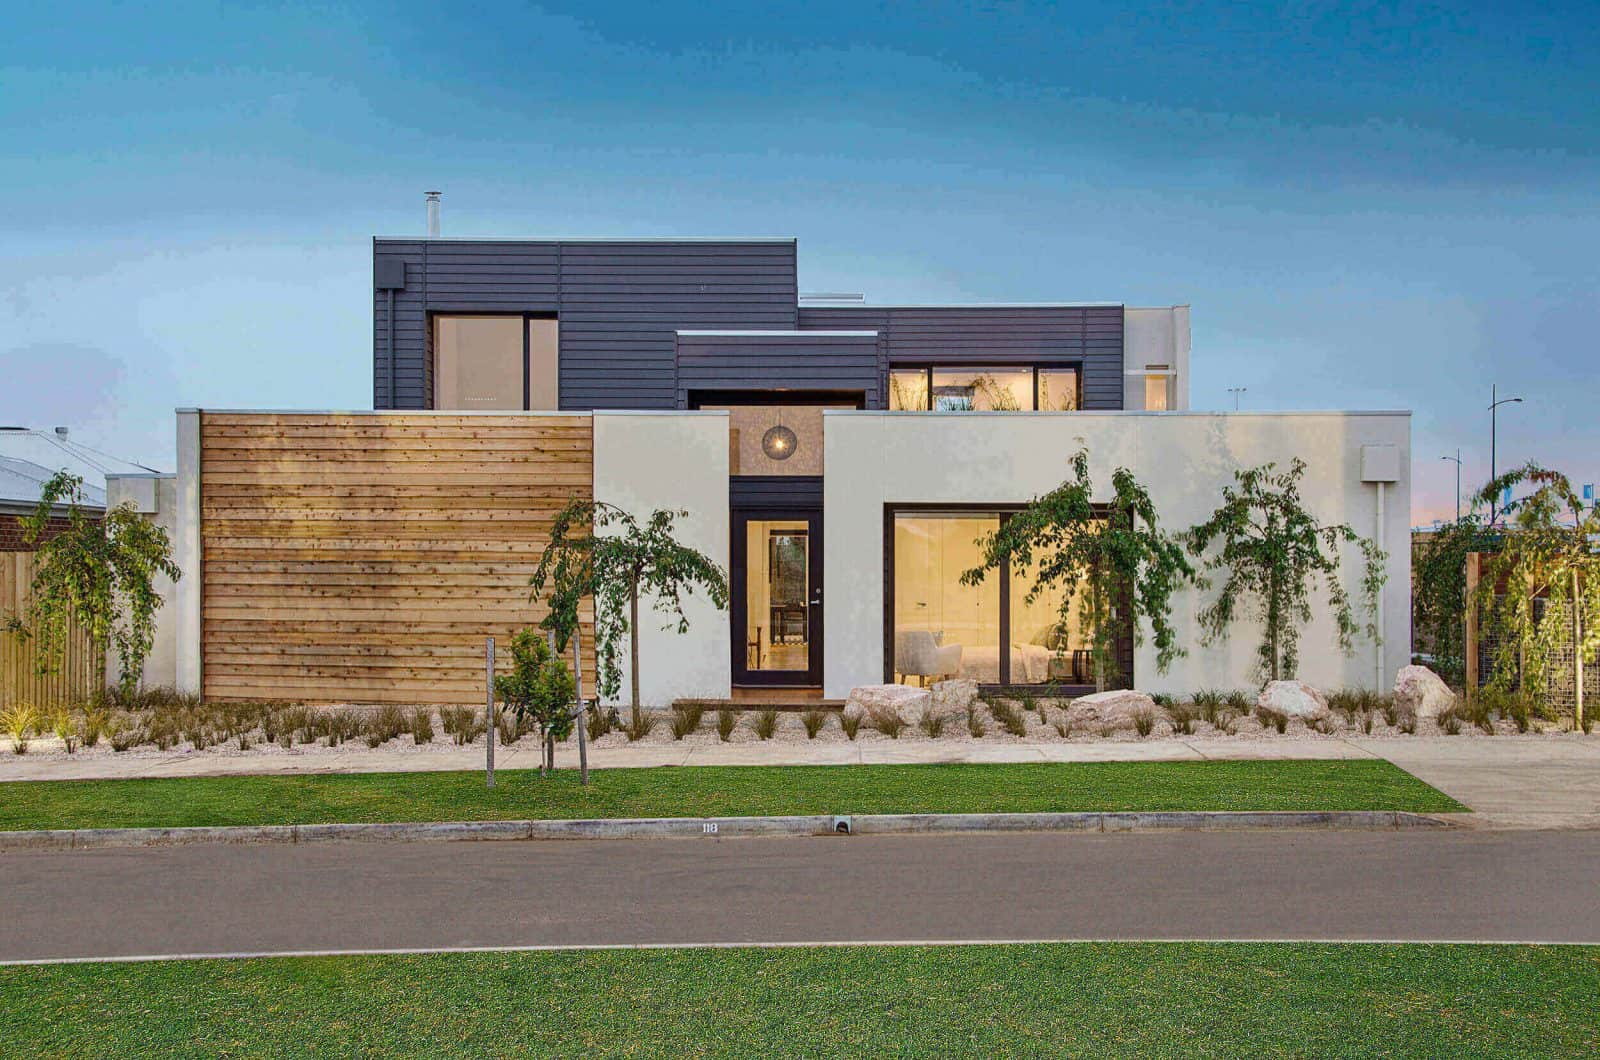 Hamlan Homes: Geelong's Niche Builder